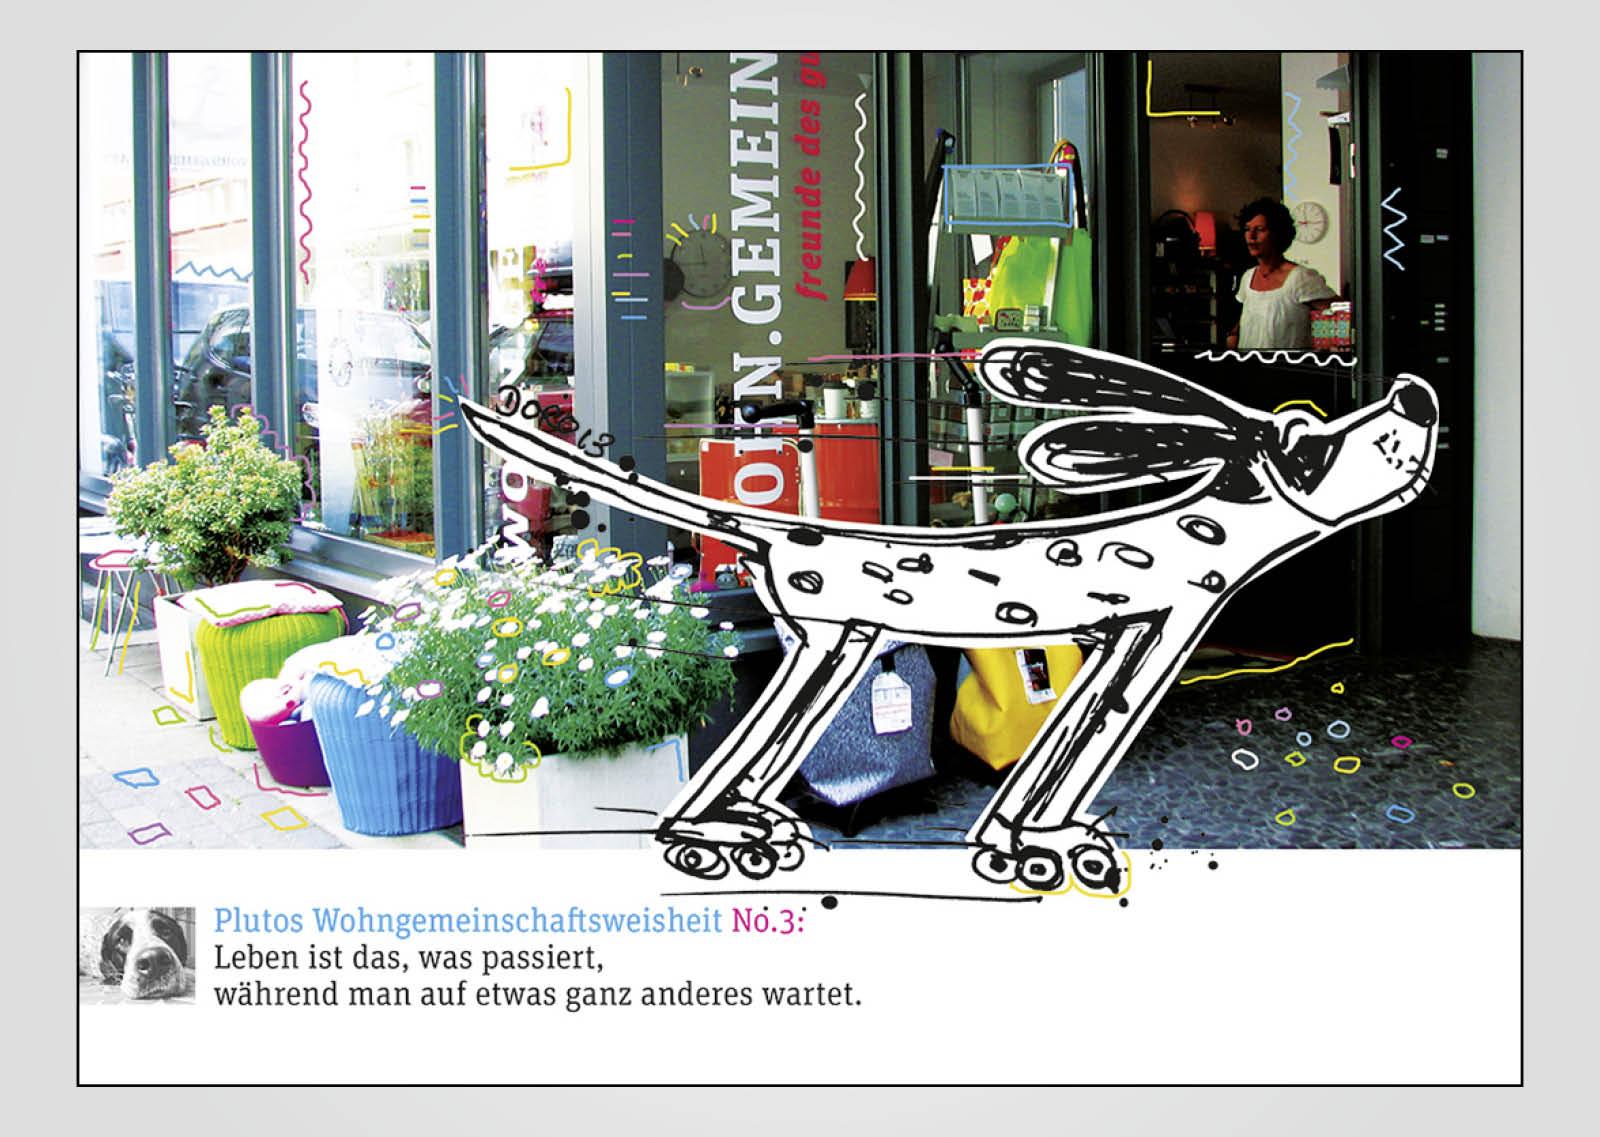 sympathiefigur-wohngemeinschaft-illustration-05.jpg